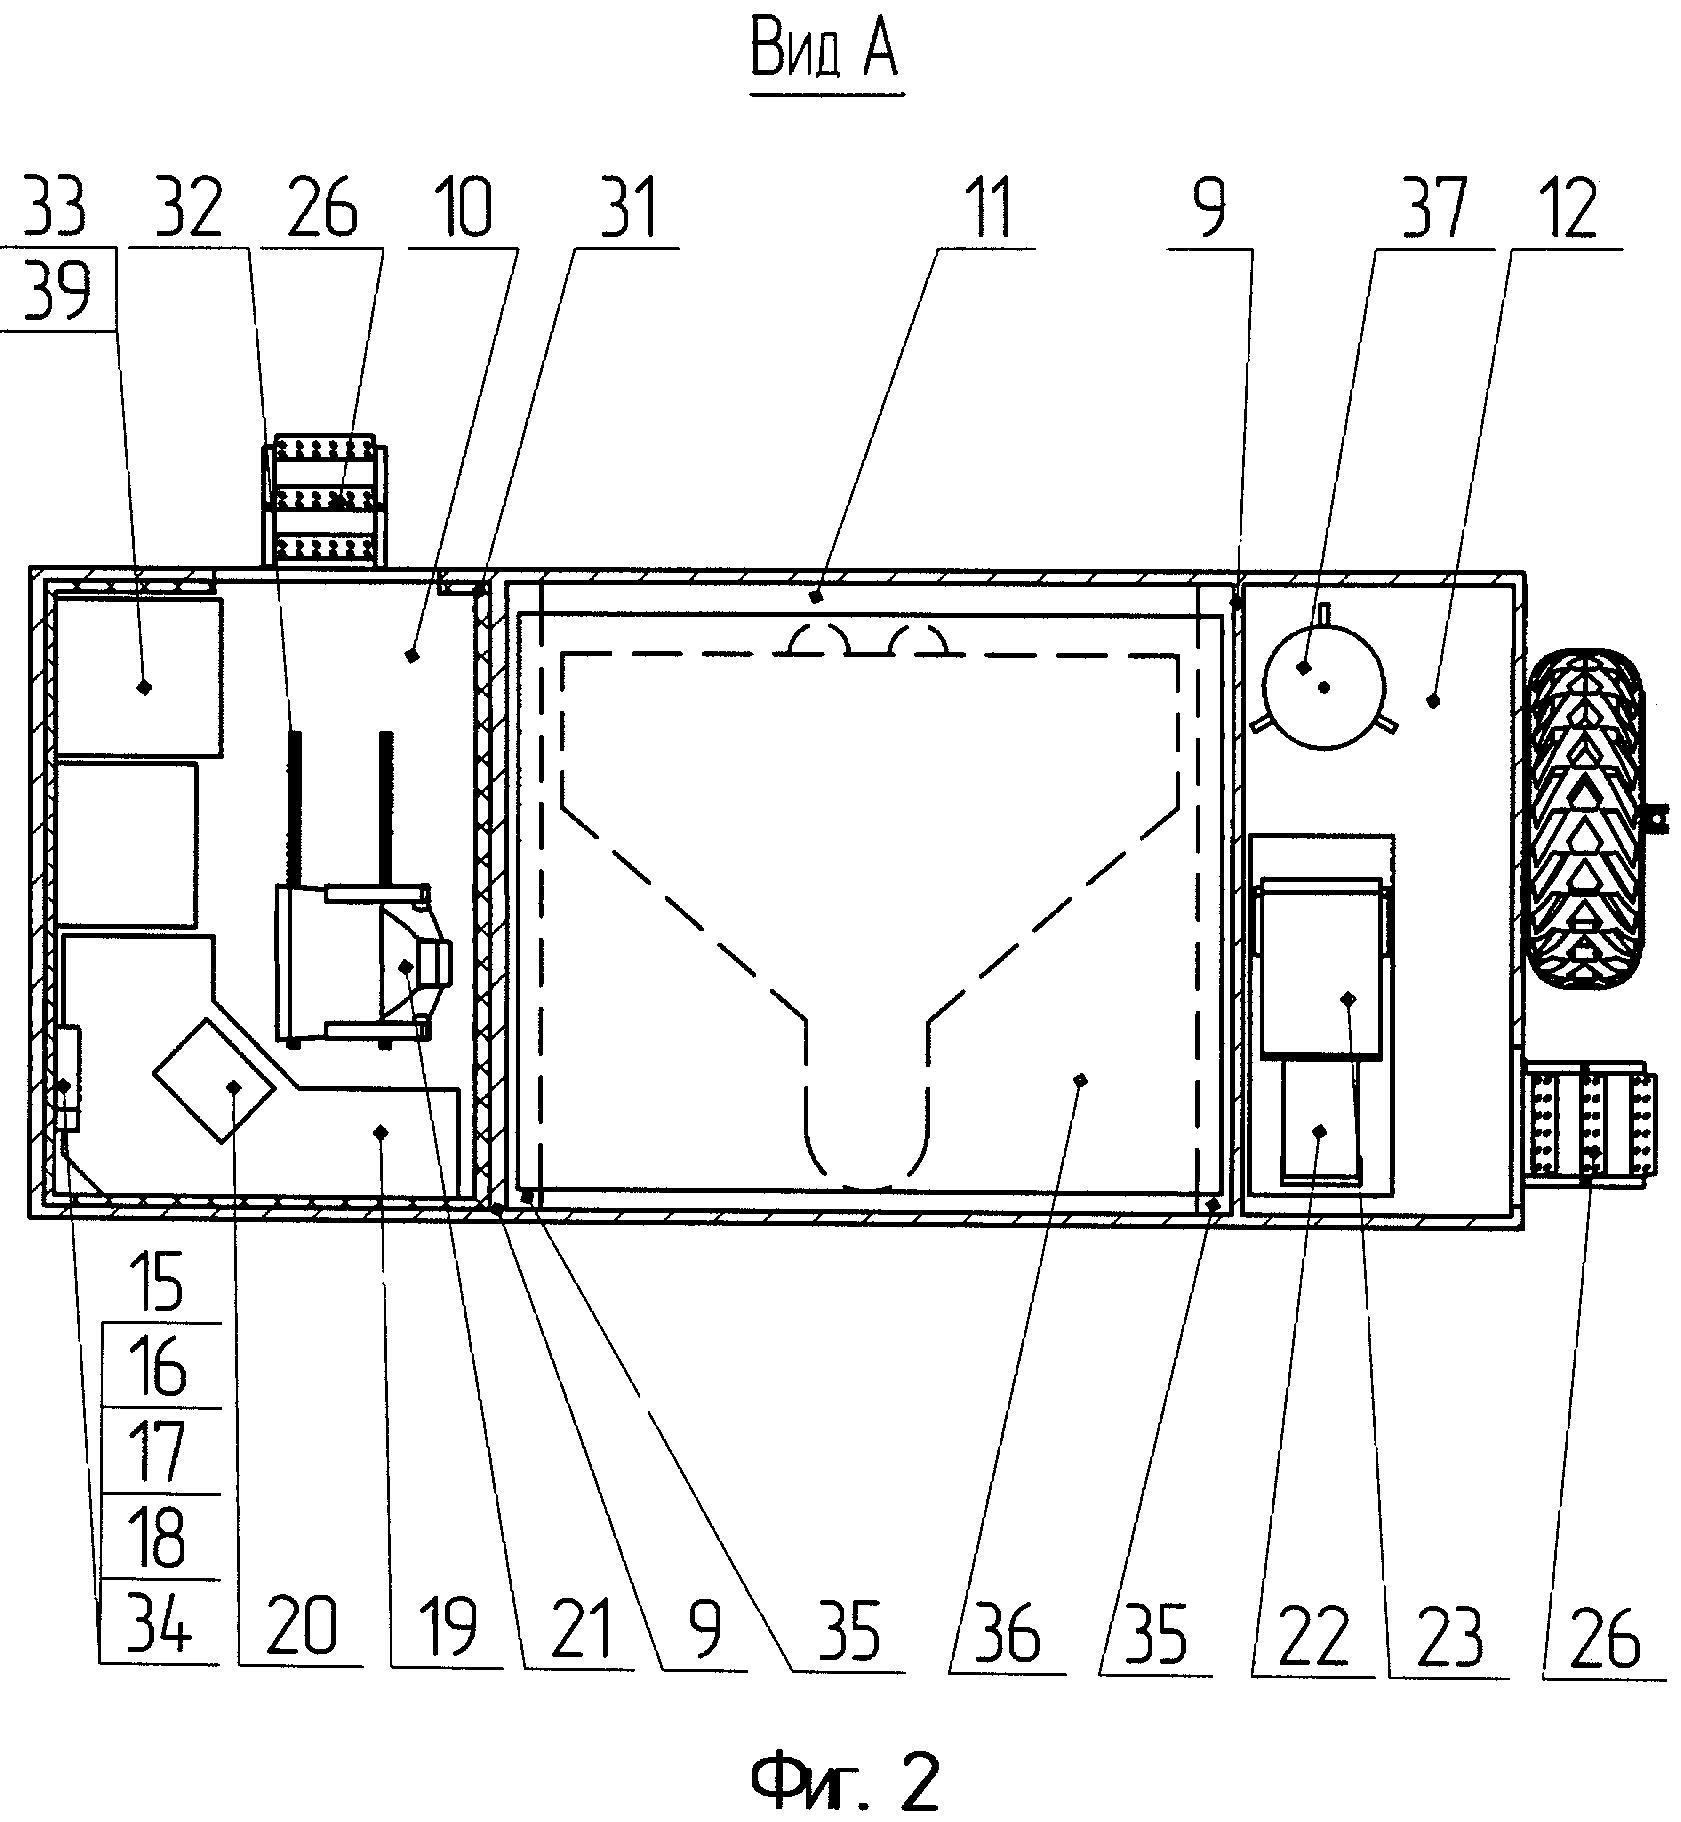 Наземный пункт управления на базе шасси специального транспортного средства